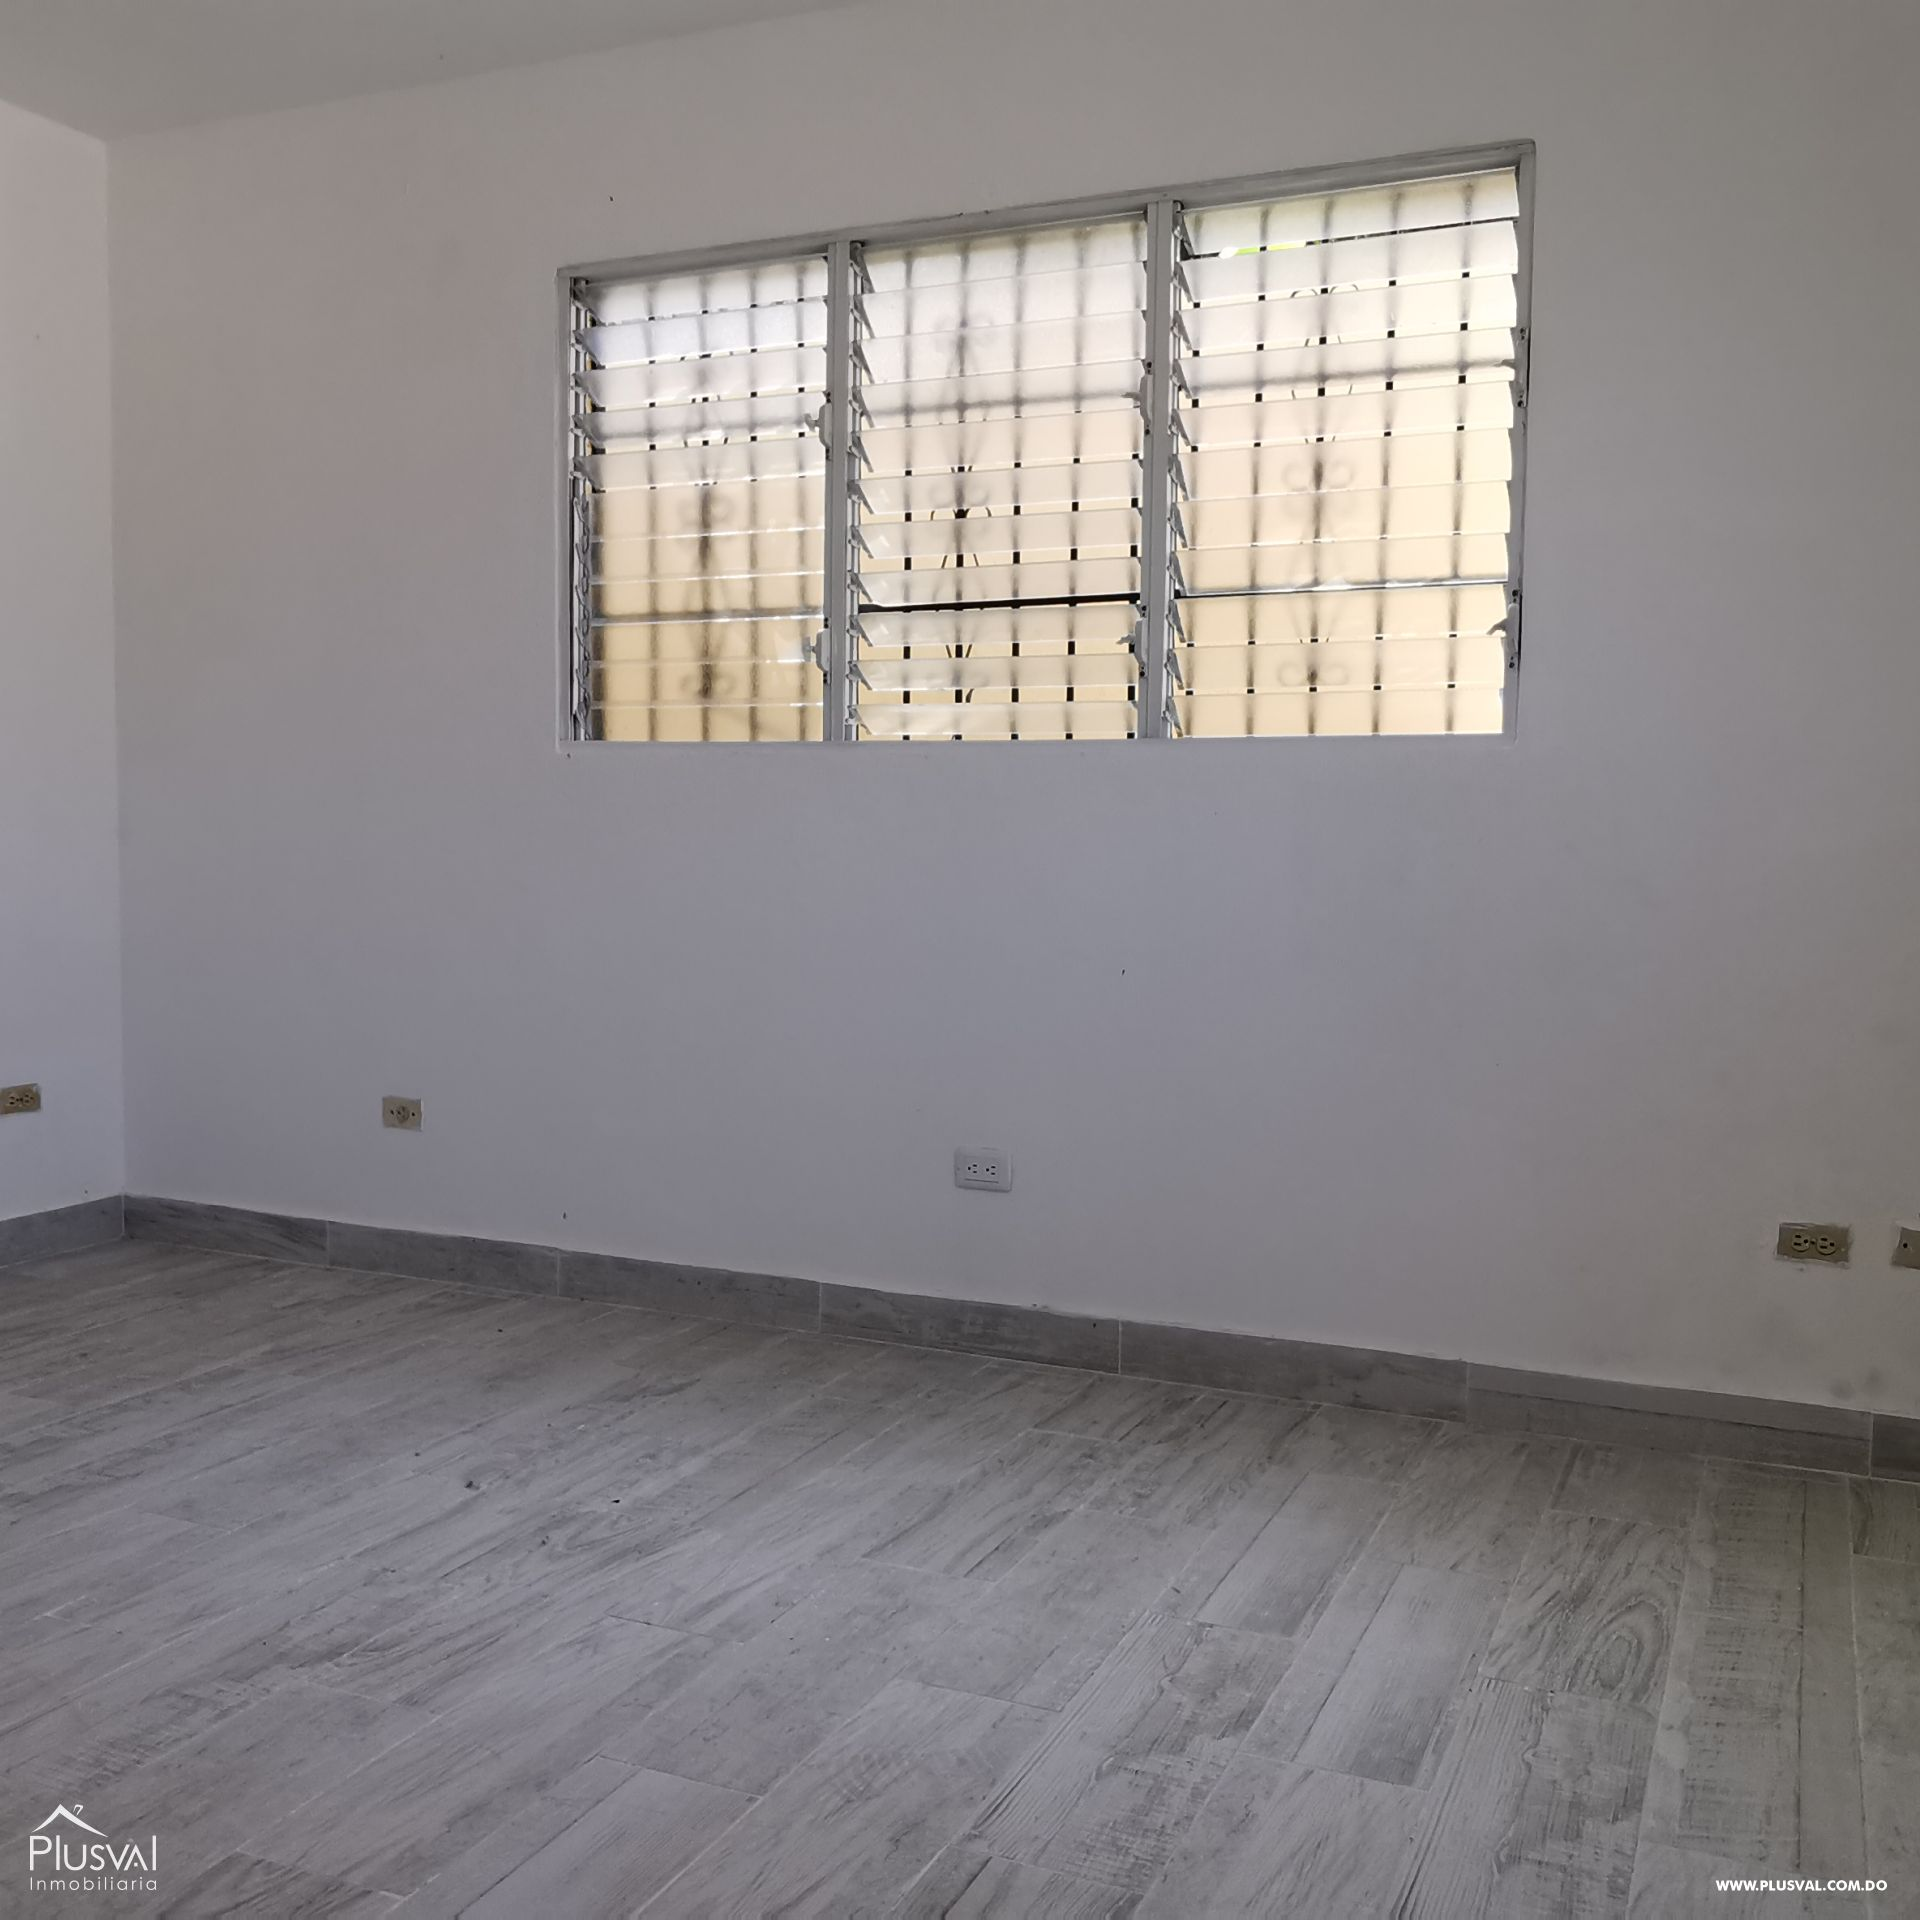 Alquiler Almacén-Nave Industrial con Oficinas y Parqueos en Arroyo Hondo 168555